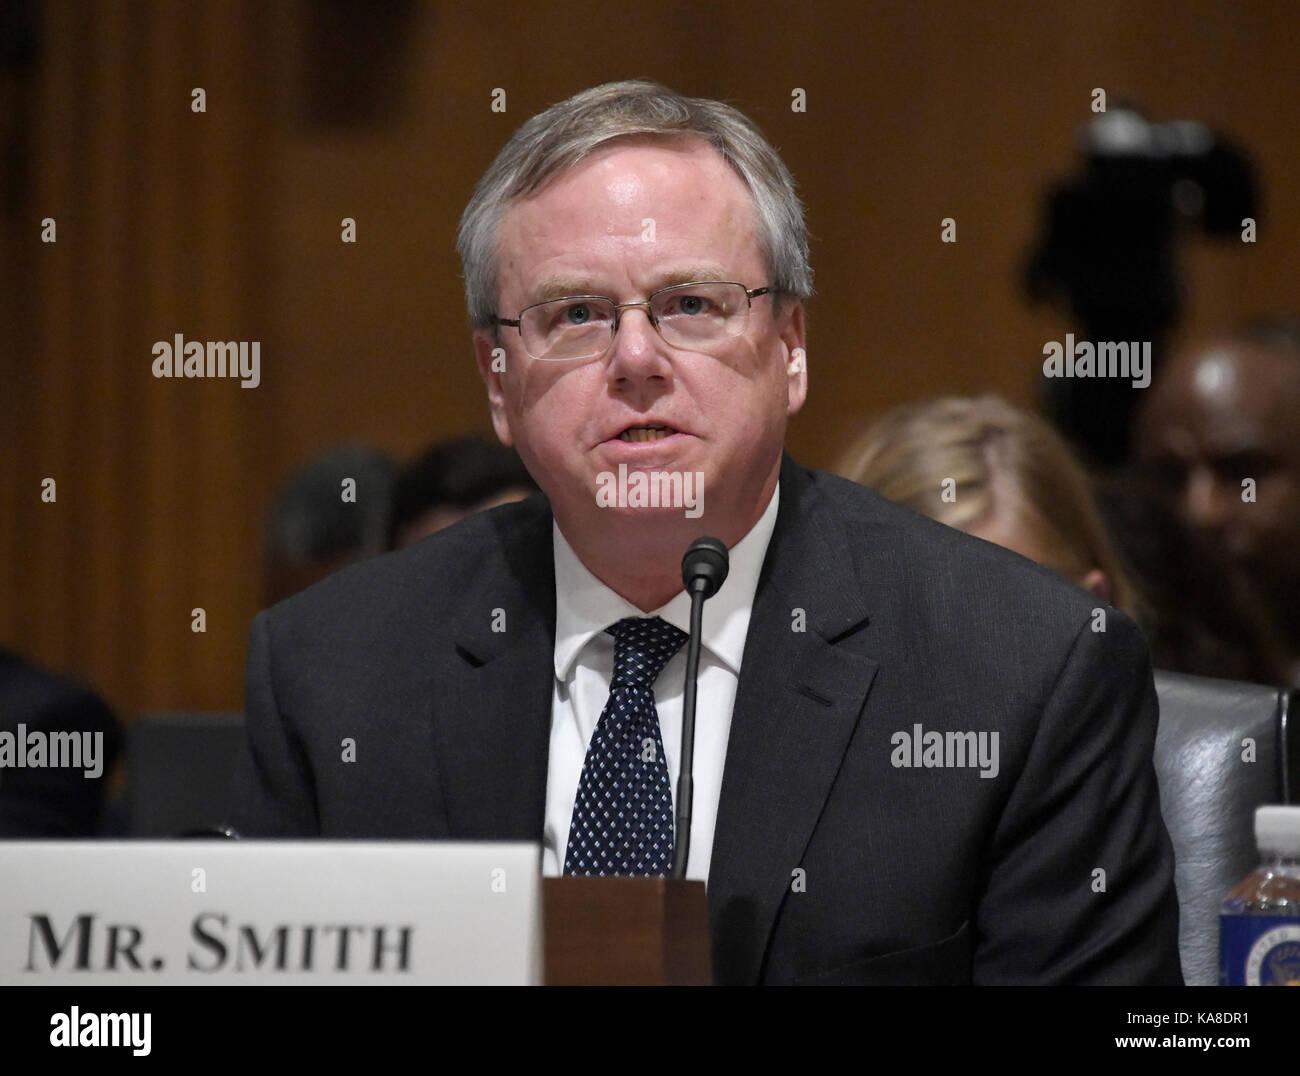 Mr Dennis Smith